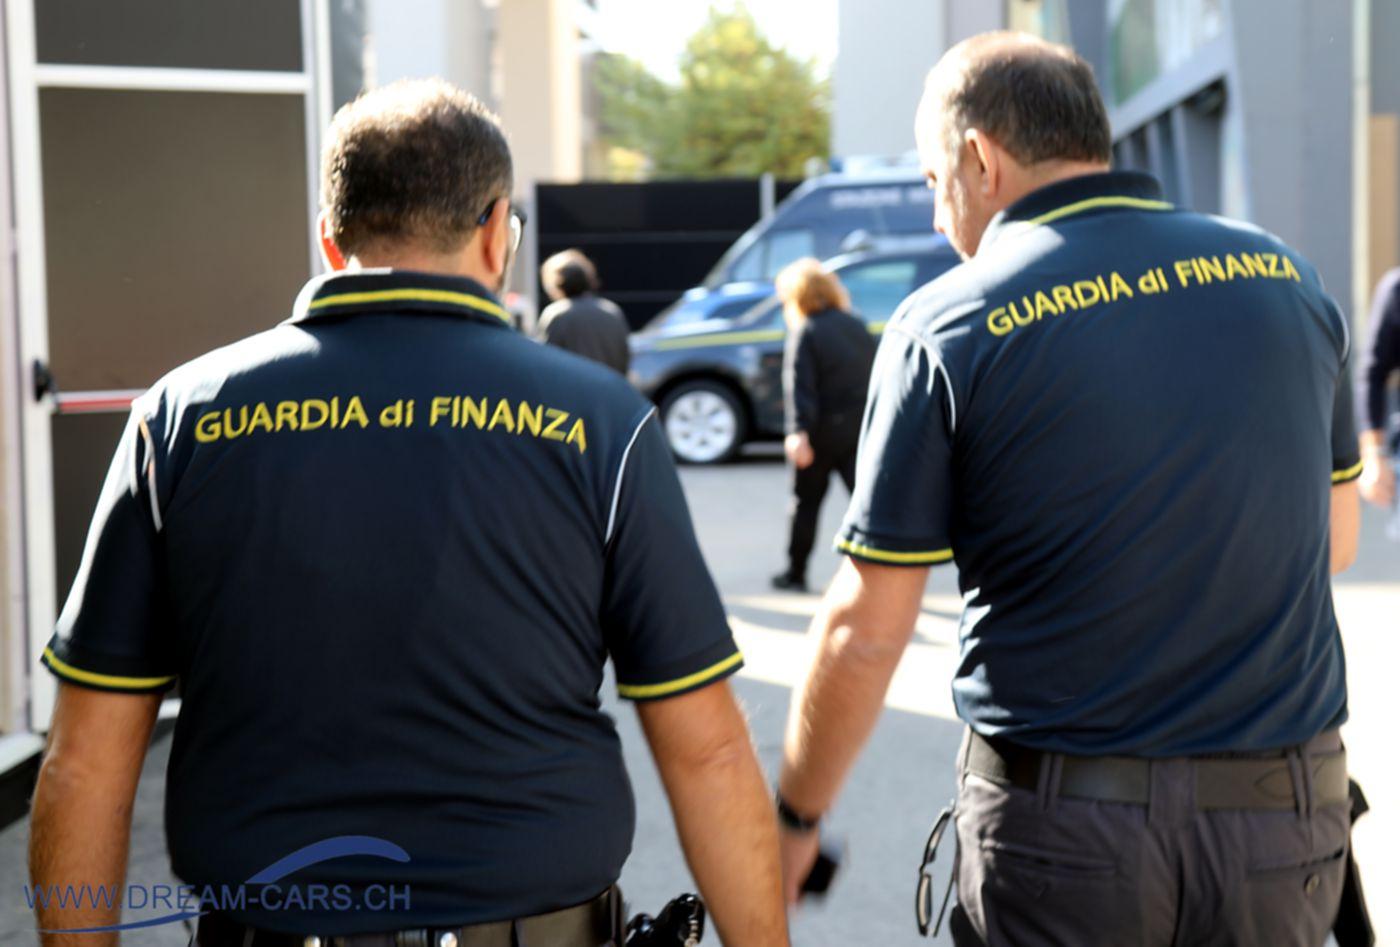 Diese beiden Herren kamen wohl eher nicht zum Oldtimer-Kauf an die Auto e Moto d'Epoca in Padua